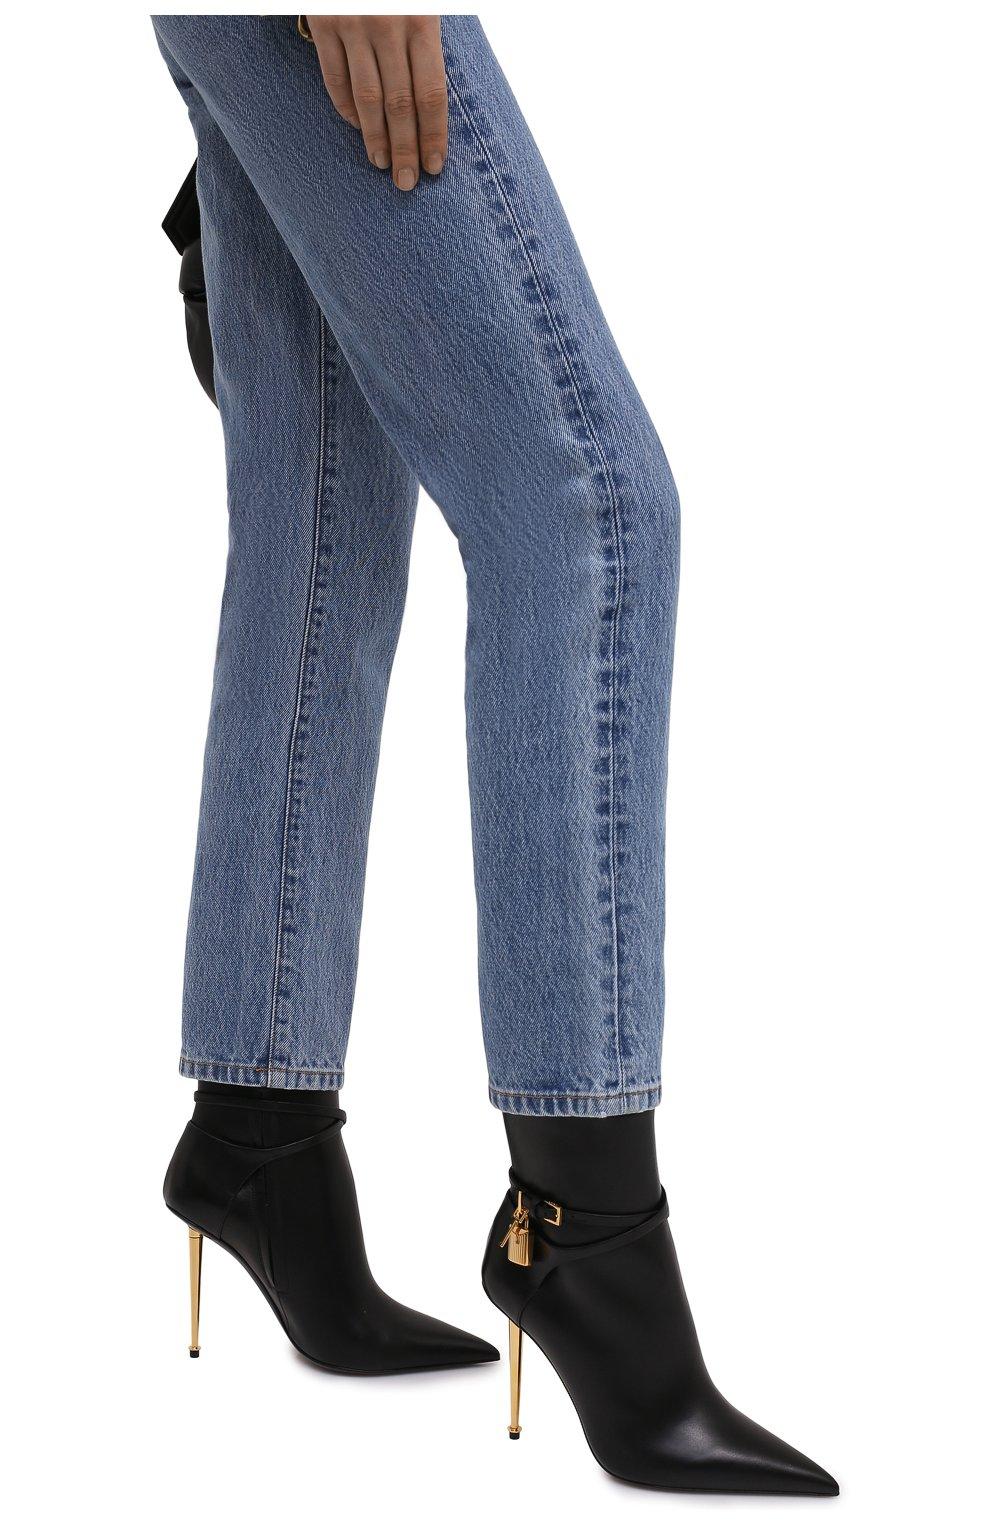 Женские кожаные ботильоны TOM FORD черного цвета, арт. W2959T-LCL002 | Фото 3 (Каблук высота: Высокий; Материал внутренний: Натуральная кожа; Каблук тип: Шпилька; Подошва: Плоская)